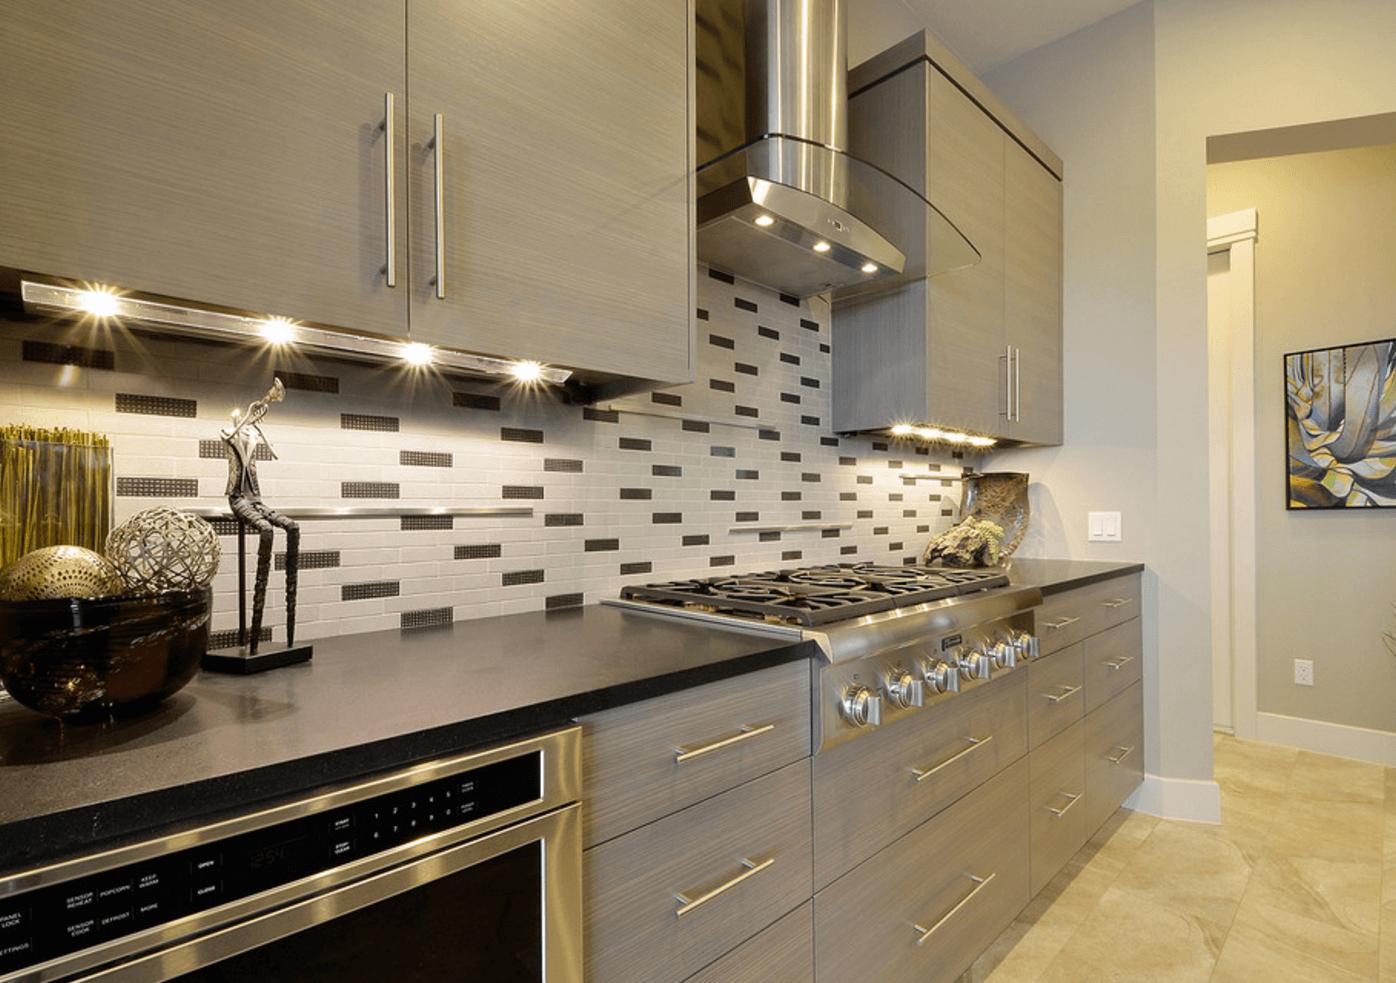 Подсветка кухонного гарнитура скрытая